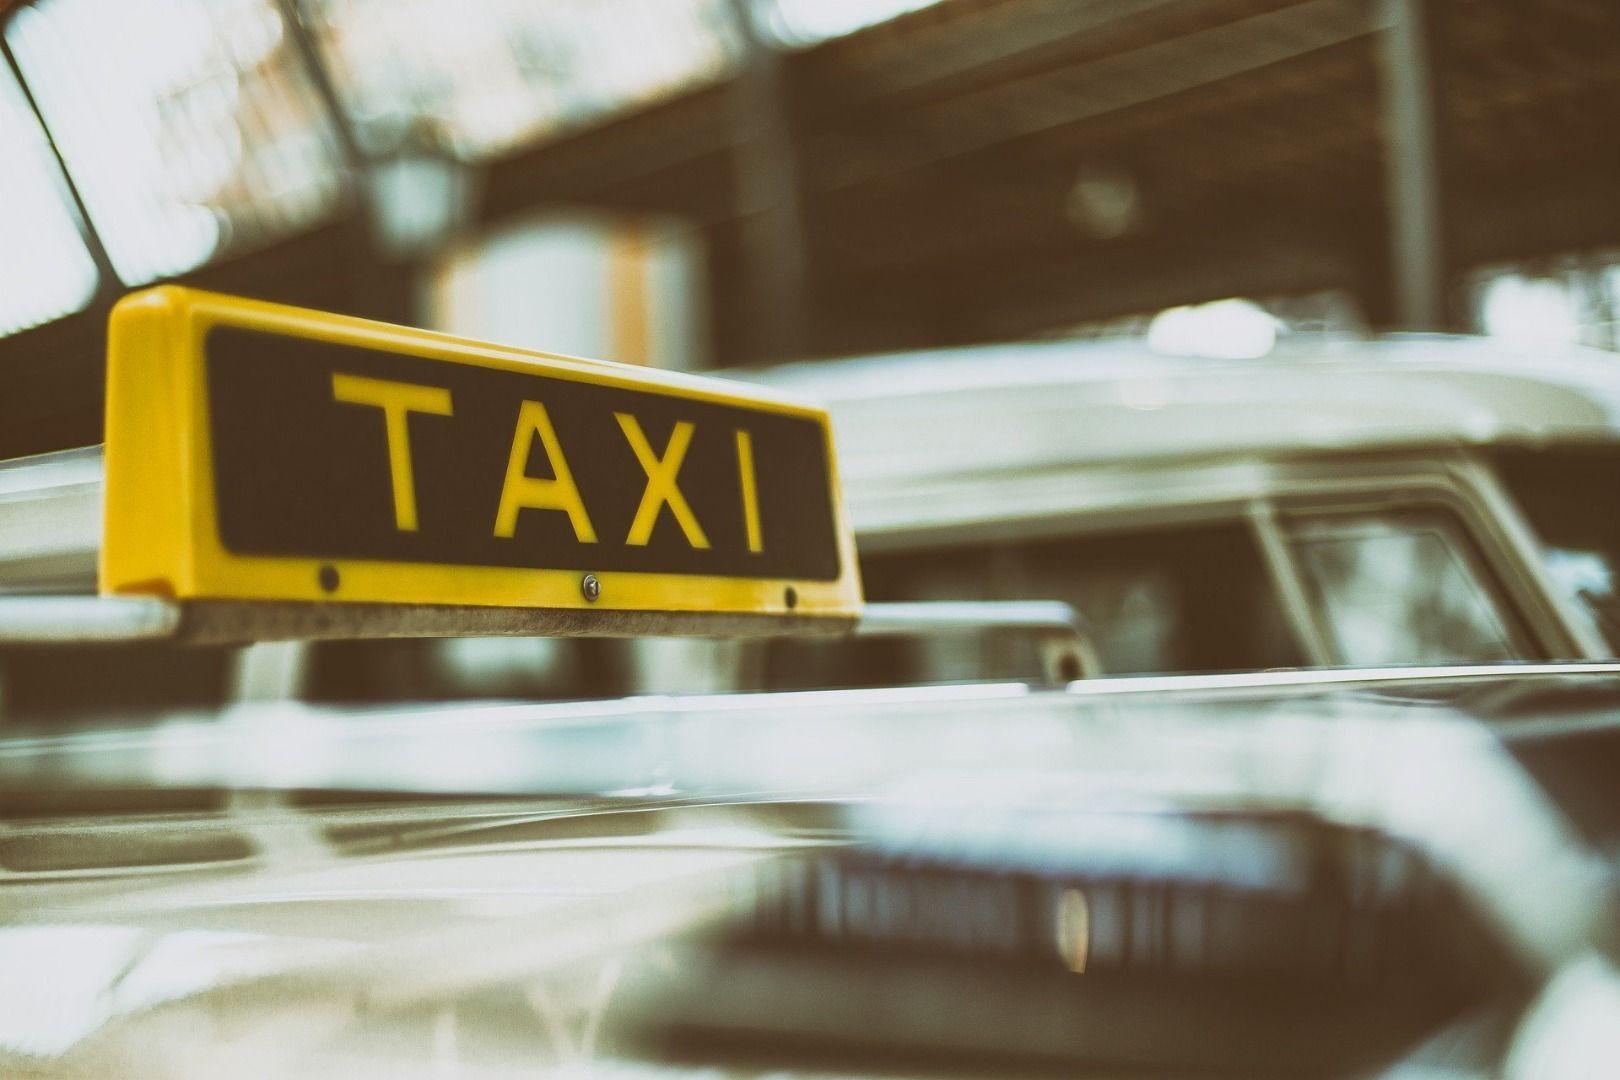 Taxi Juen